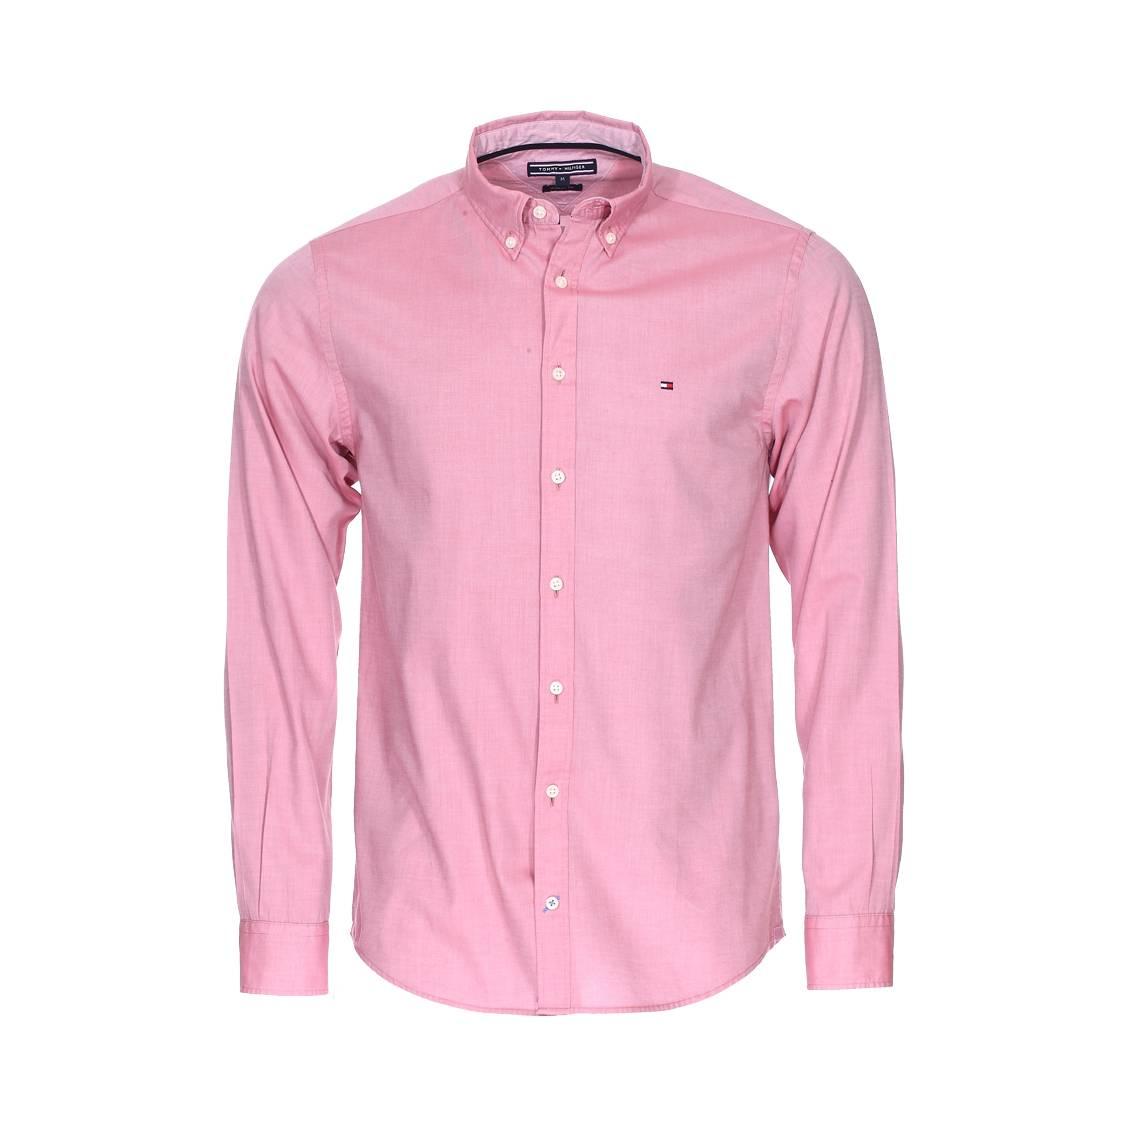 Comment se porte une chemise Tommy Hilfiger?